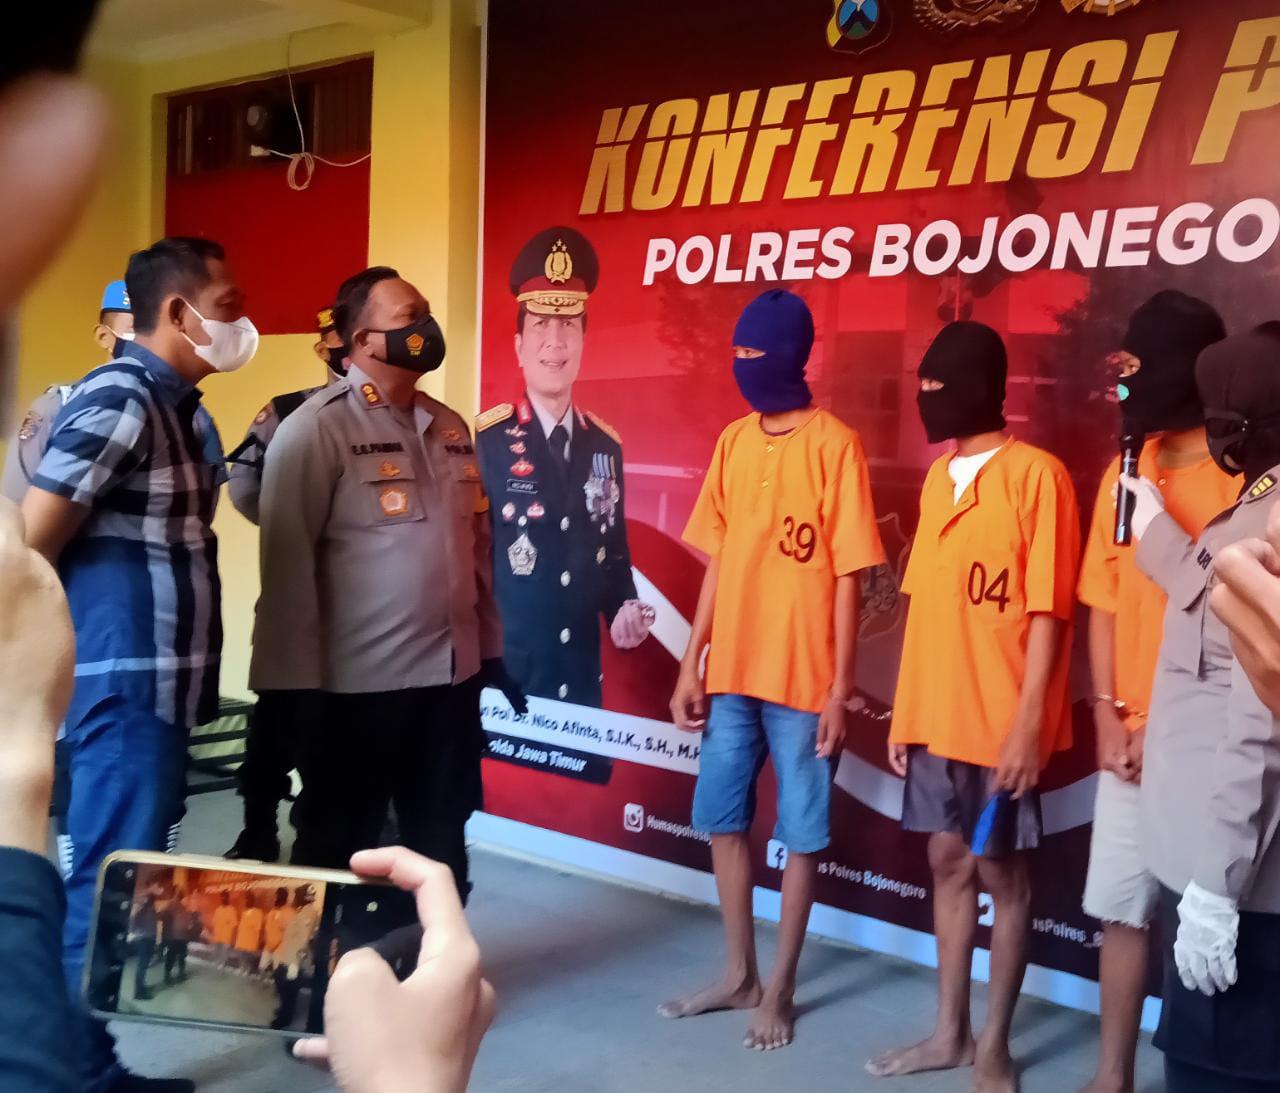 Tiga pelajar di Bojonegoro yang diamankan karena kasus pengeroyokan. (Foto: Mila Arinda/Tugu Jatim)